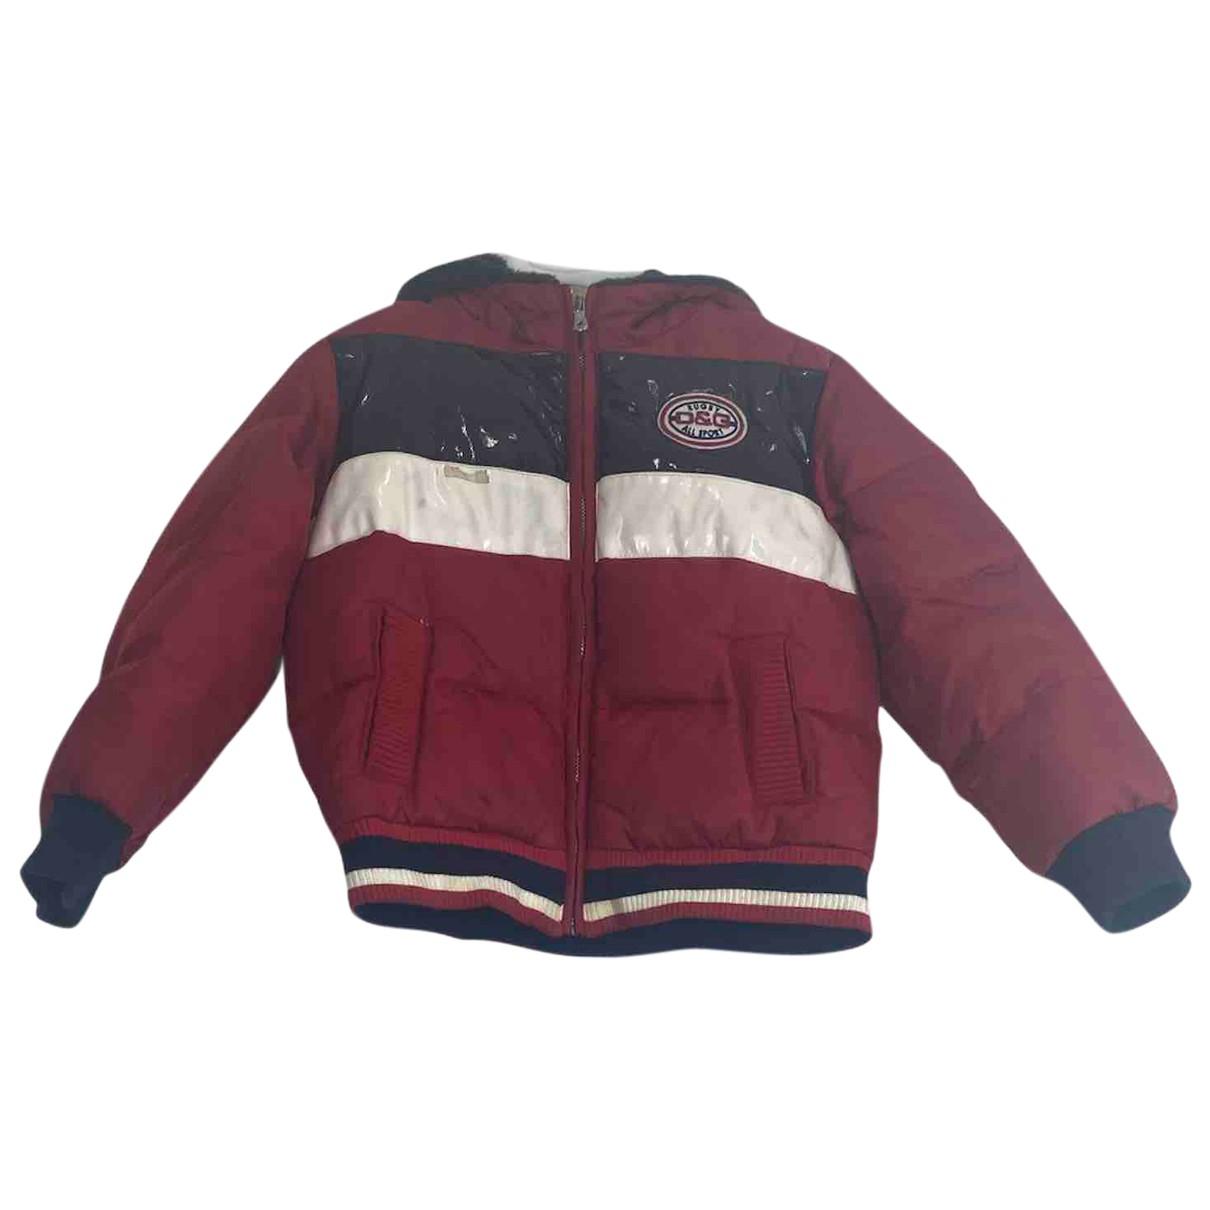 D&g - Blousons.Manteaux   pour enfant - rouge